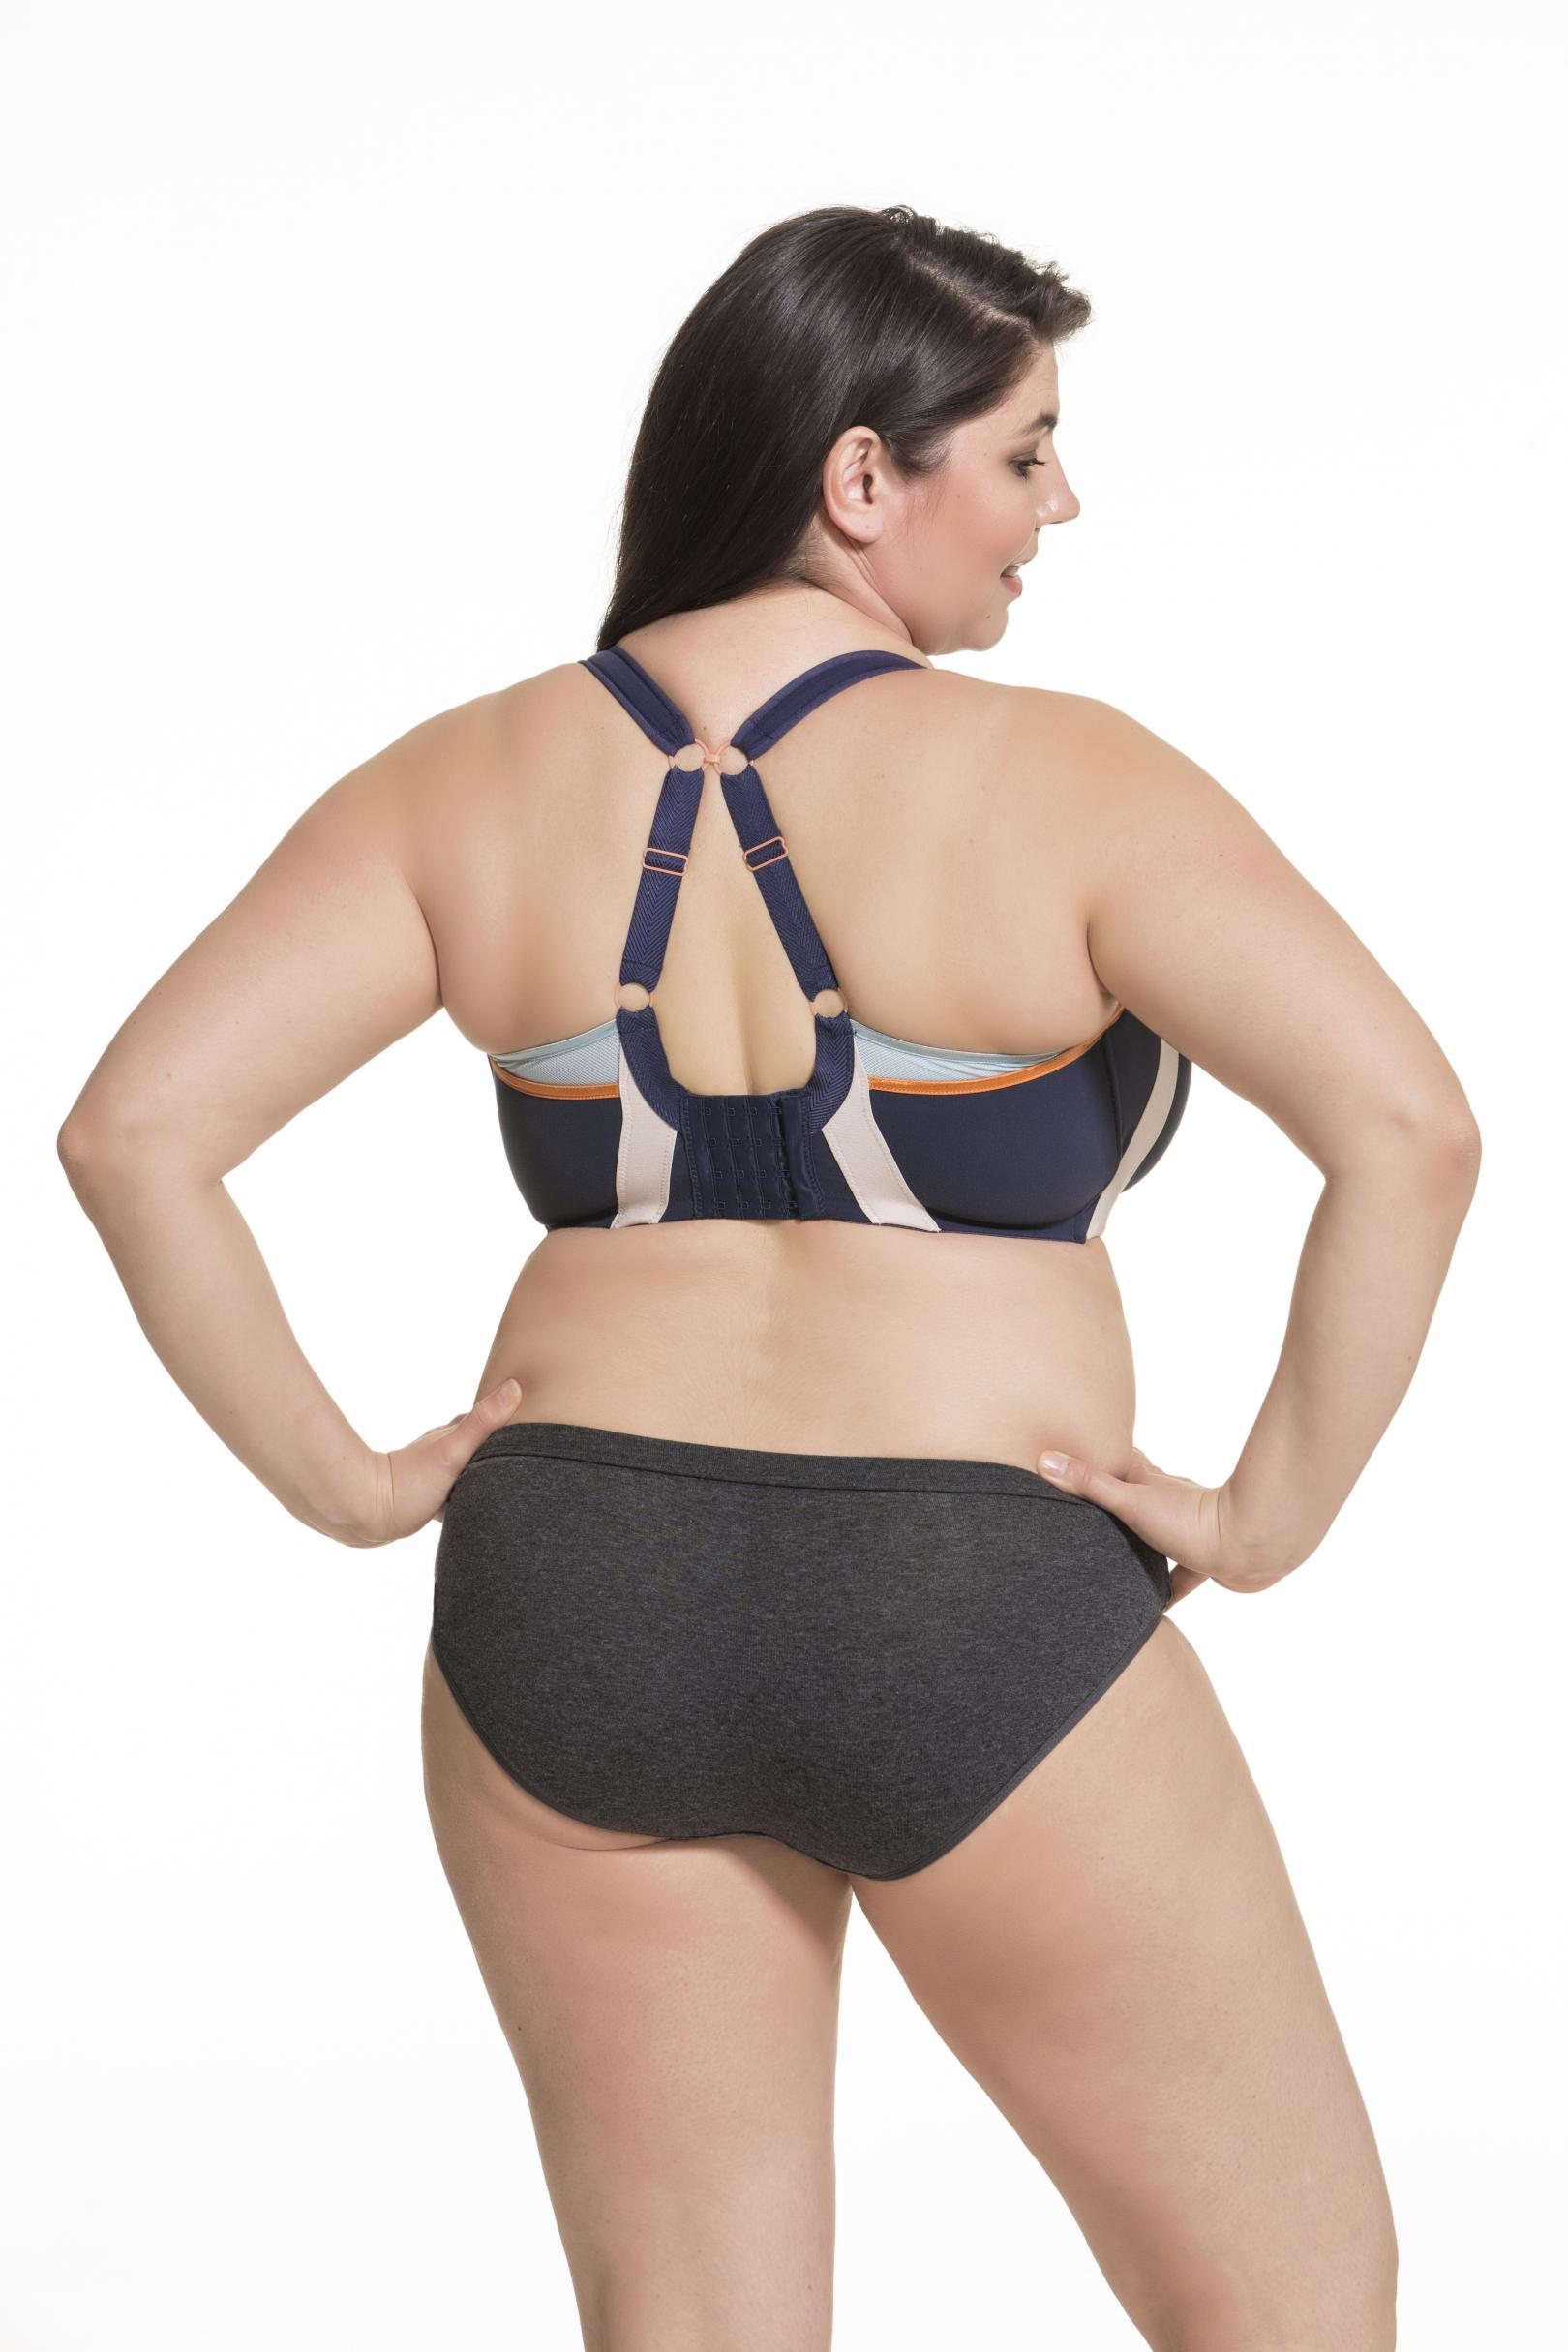 sports bra ... bra zest flexi wire high impact maternity u0026 nursing sports ... SPEHIZW